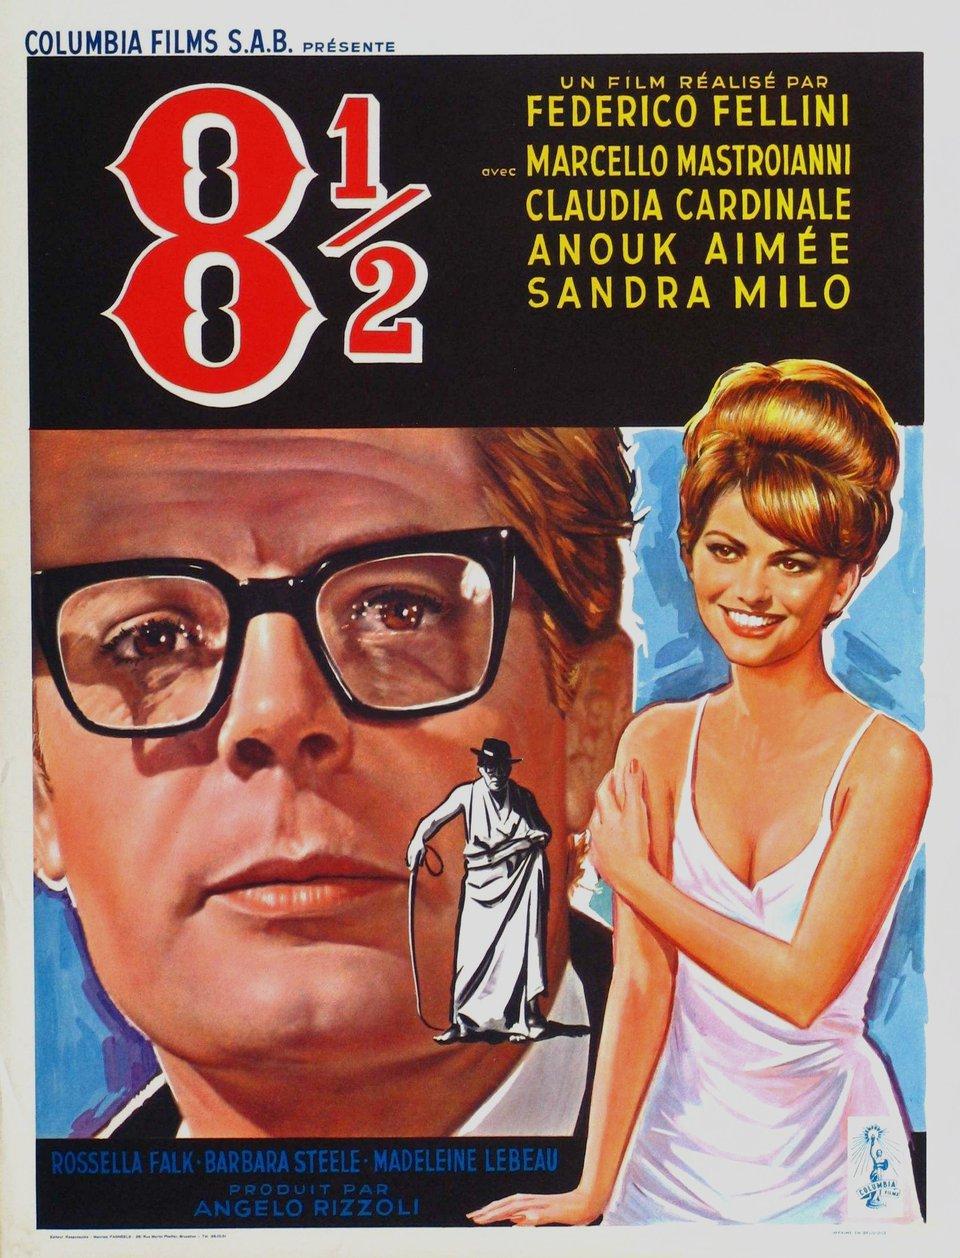 Купить билеты в кино на 8 1/2 Otto e mezzo | расписание сеансов, трейлер, обзор фильма, отзывы — ParkSeason